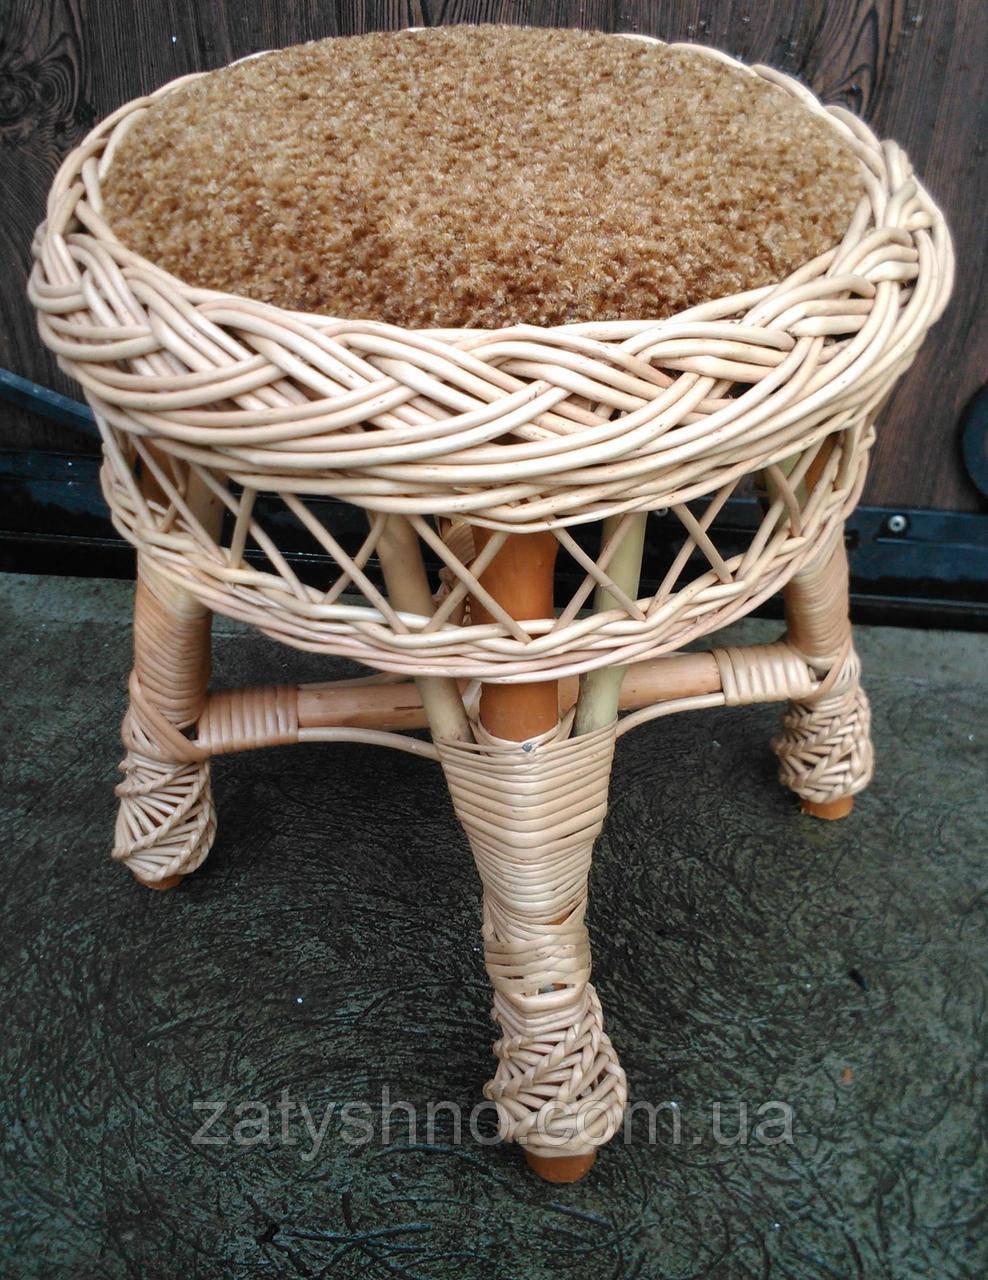 Табуретка с мягким сиденьем, плетеная